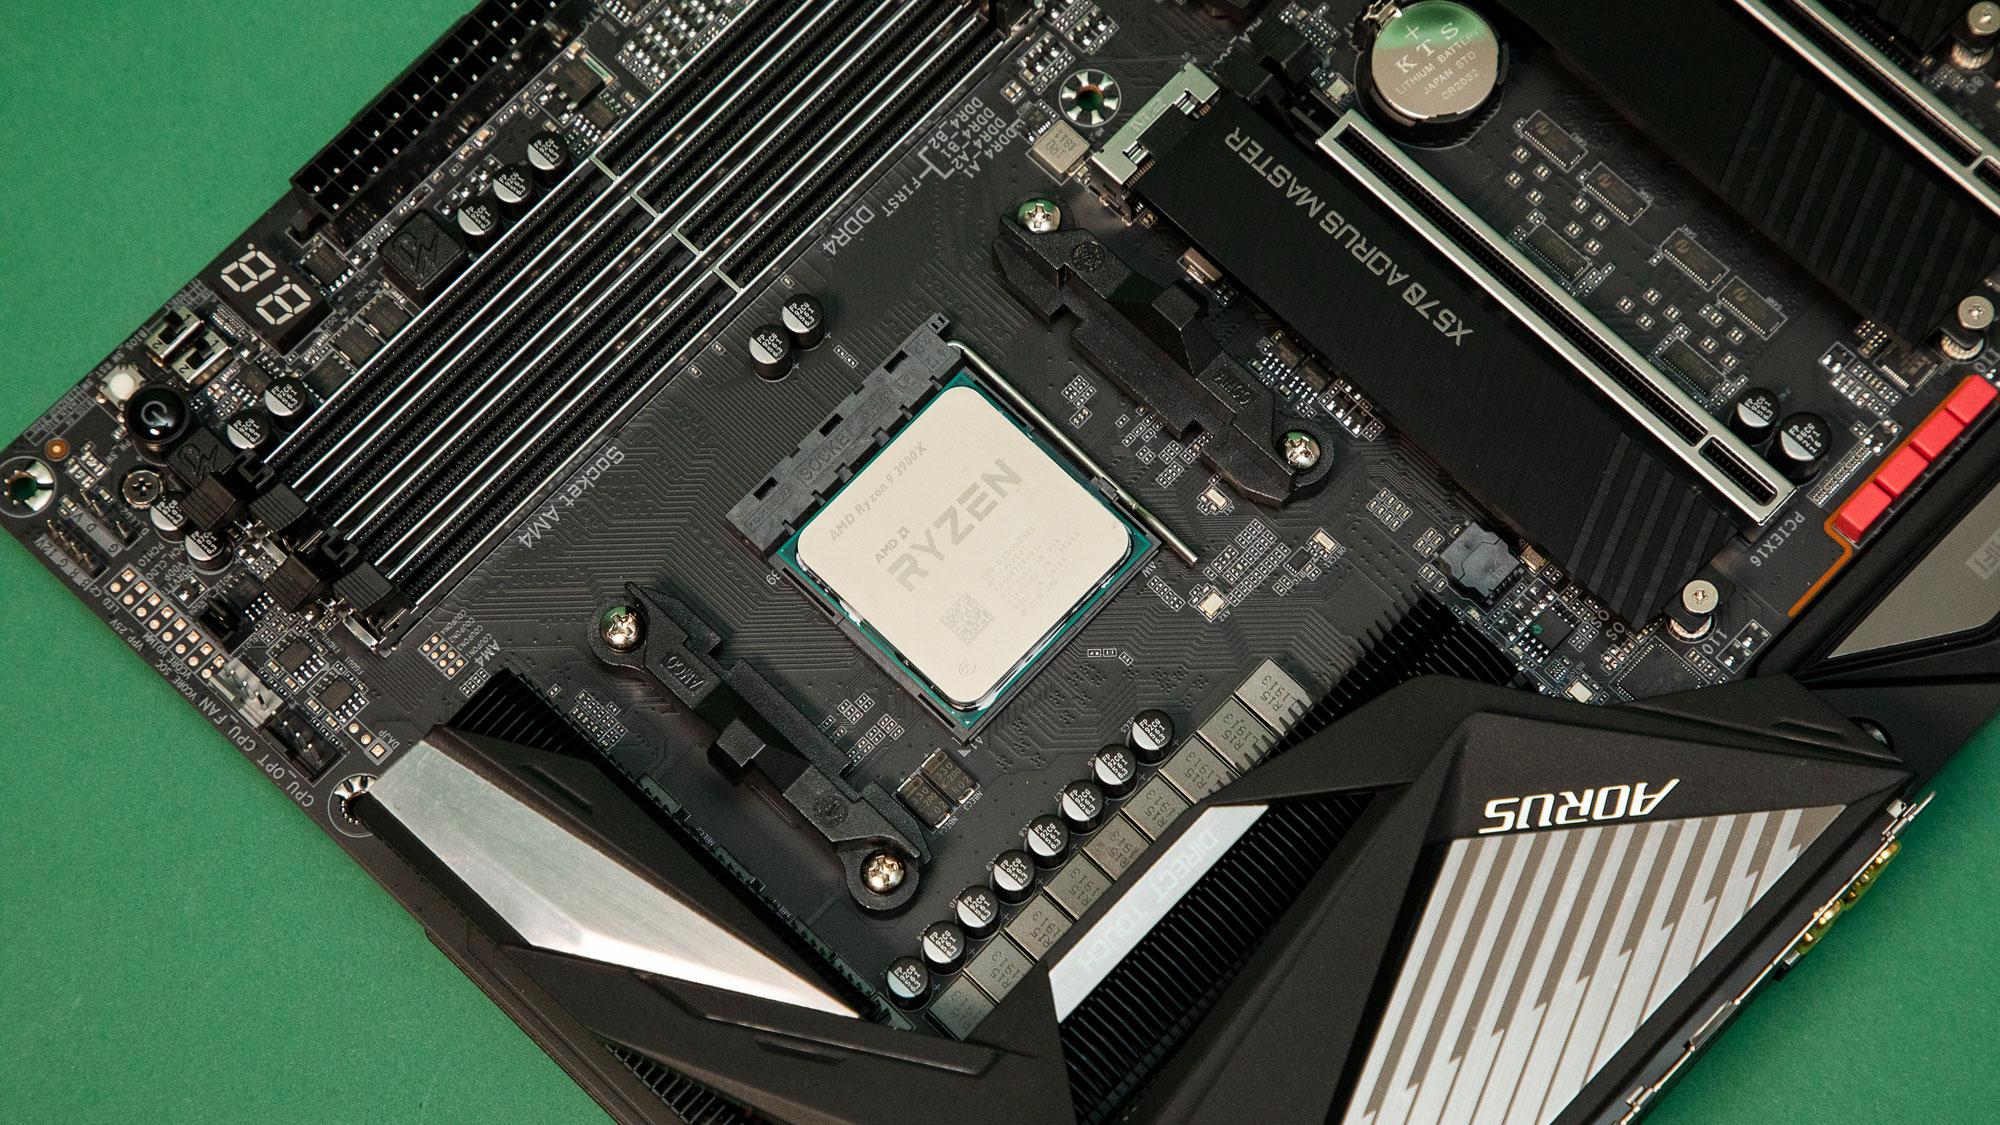 يمكن لشائعات AMD Ryzen 5 3500 أن تستخرج وحدات المعالجة المركزية من إنتل التي تمر بهذا التسريب 1